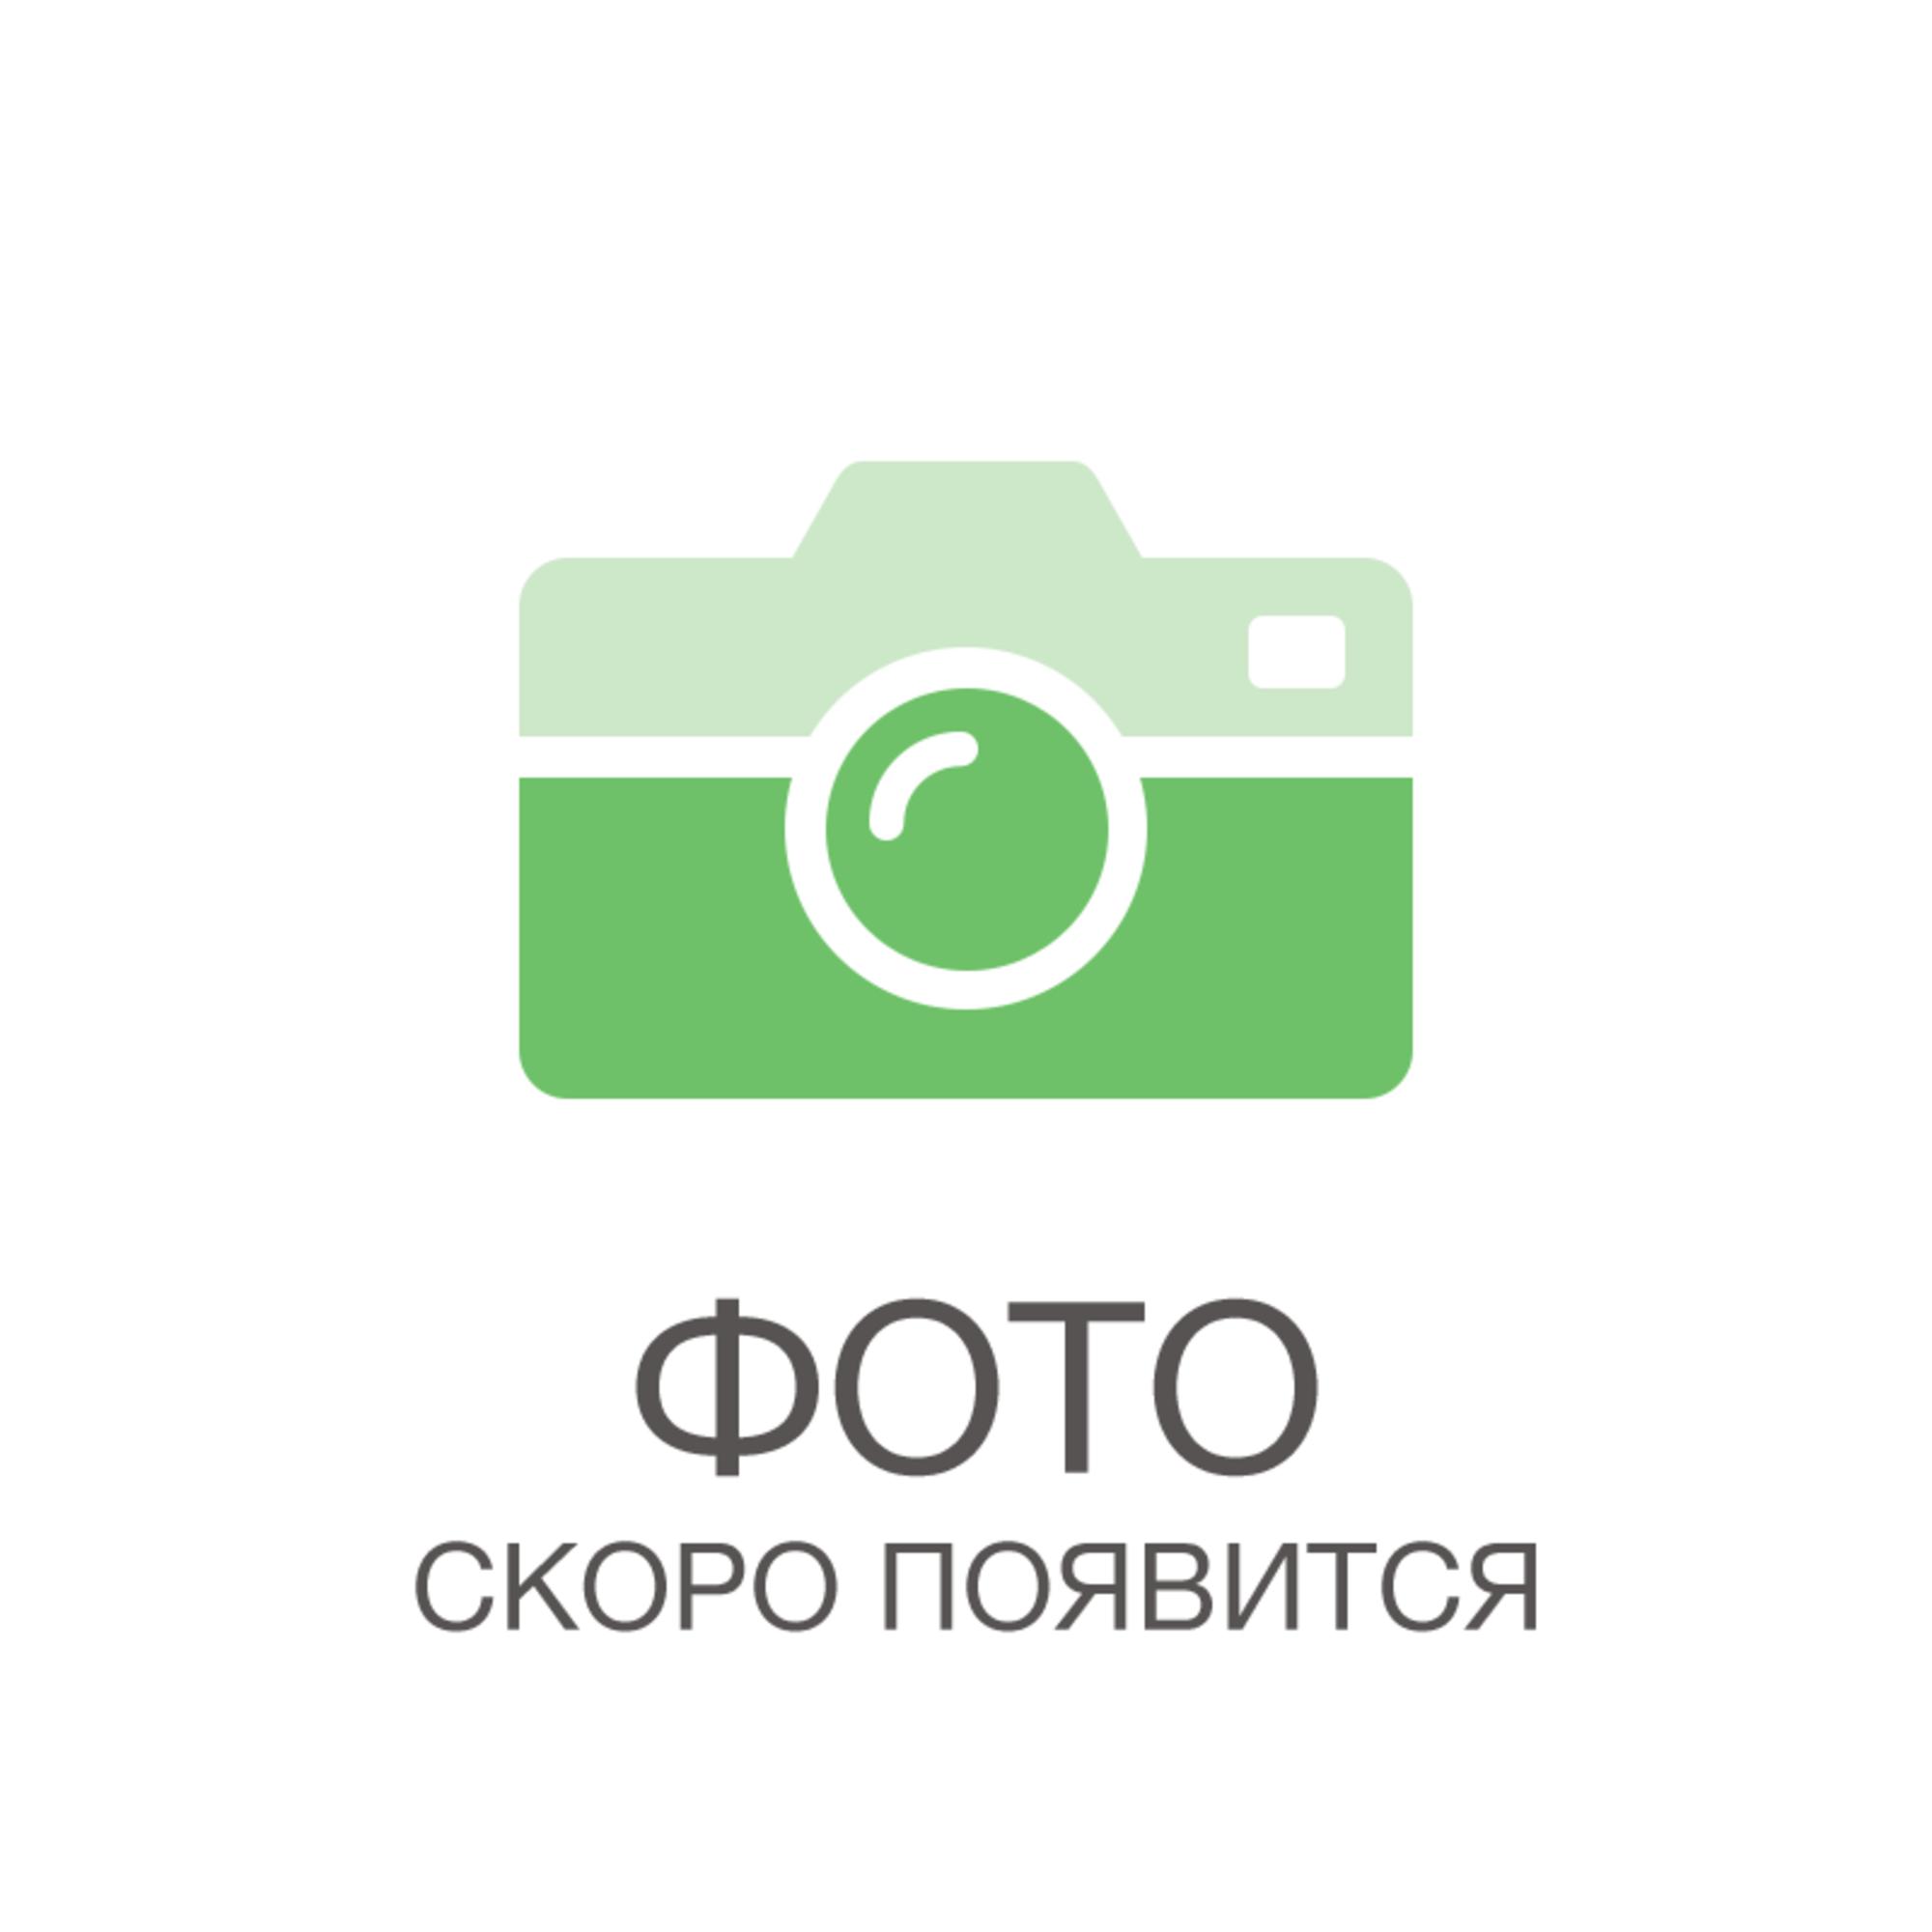 Лампа умная Xiaomi Philips ZeeRay Wi-Fi E27 220 В 6.5 Вт груша матовая 806 лм холодный белый свет